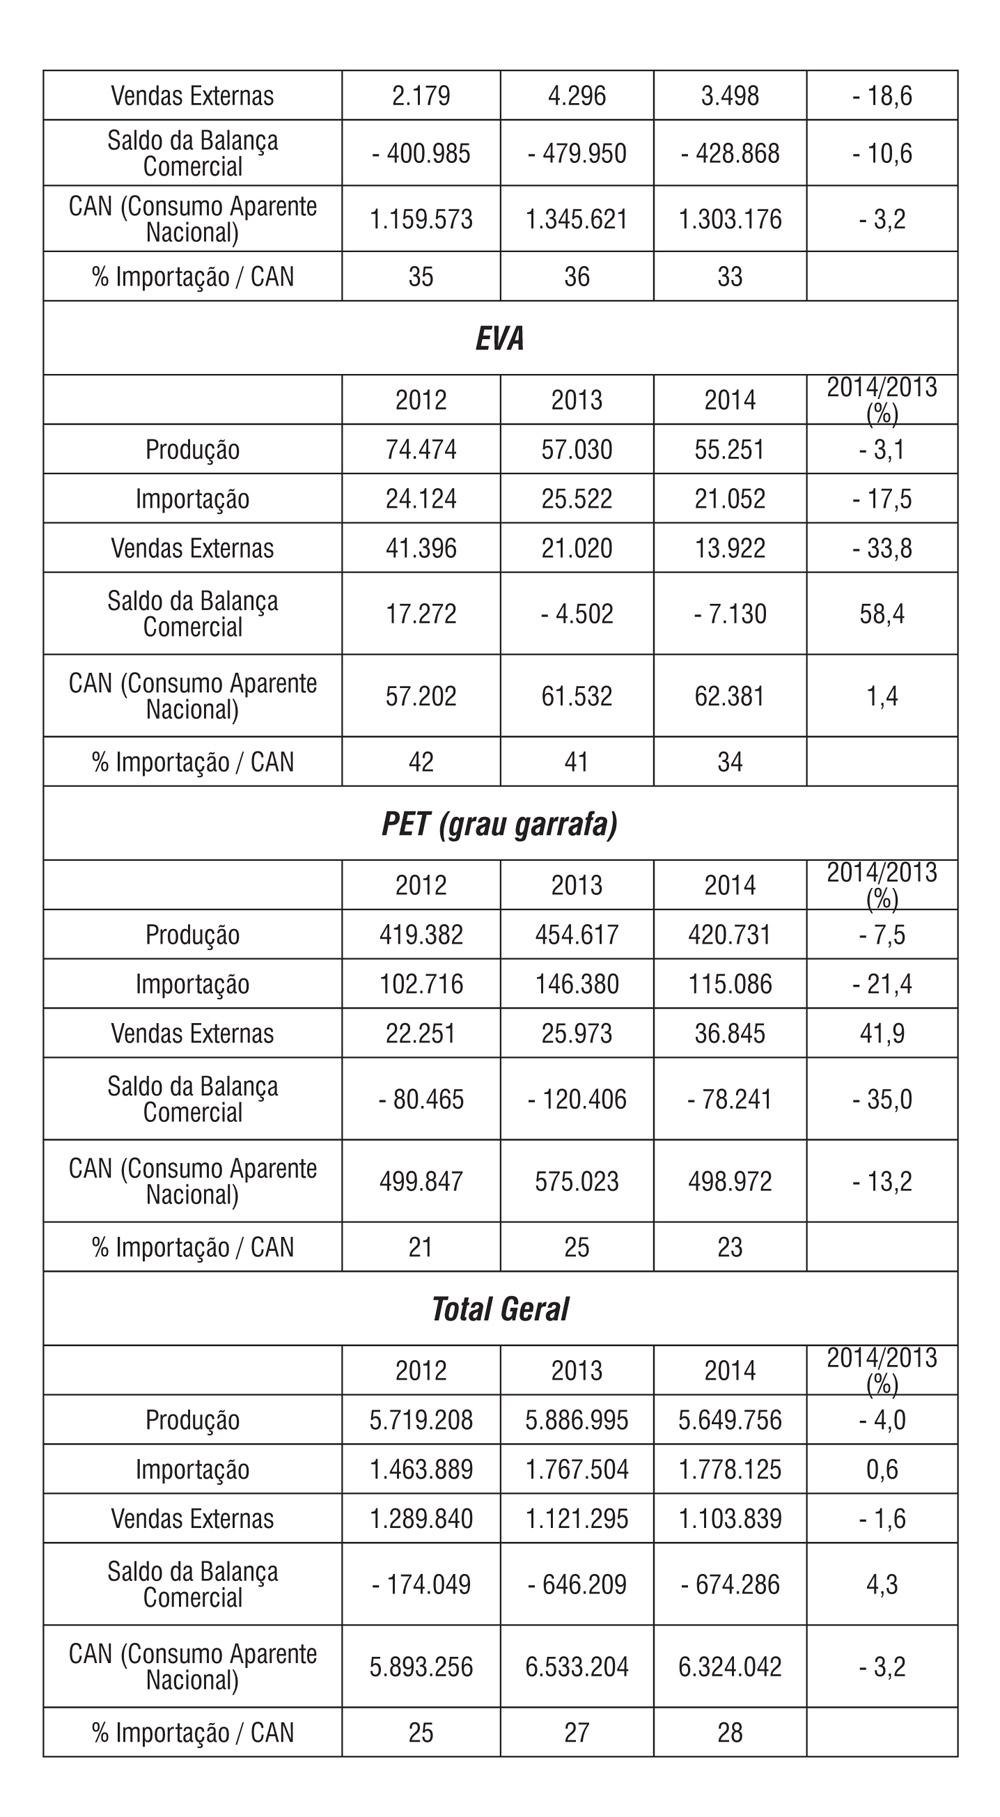 Plástico Moderno, Feiplastic 2015 - Resinas & Aditivos: Evolução do mercado brasileiro de resinas termoplásticas (em toneladas)